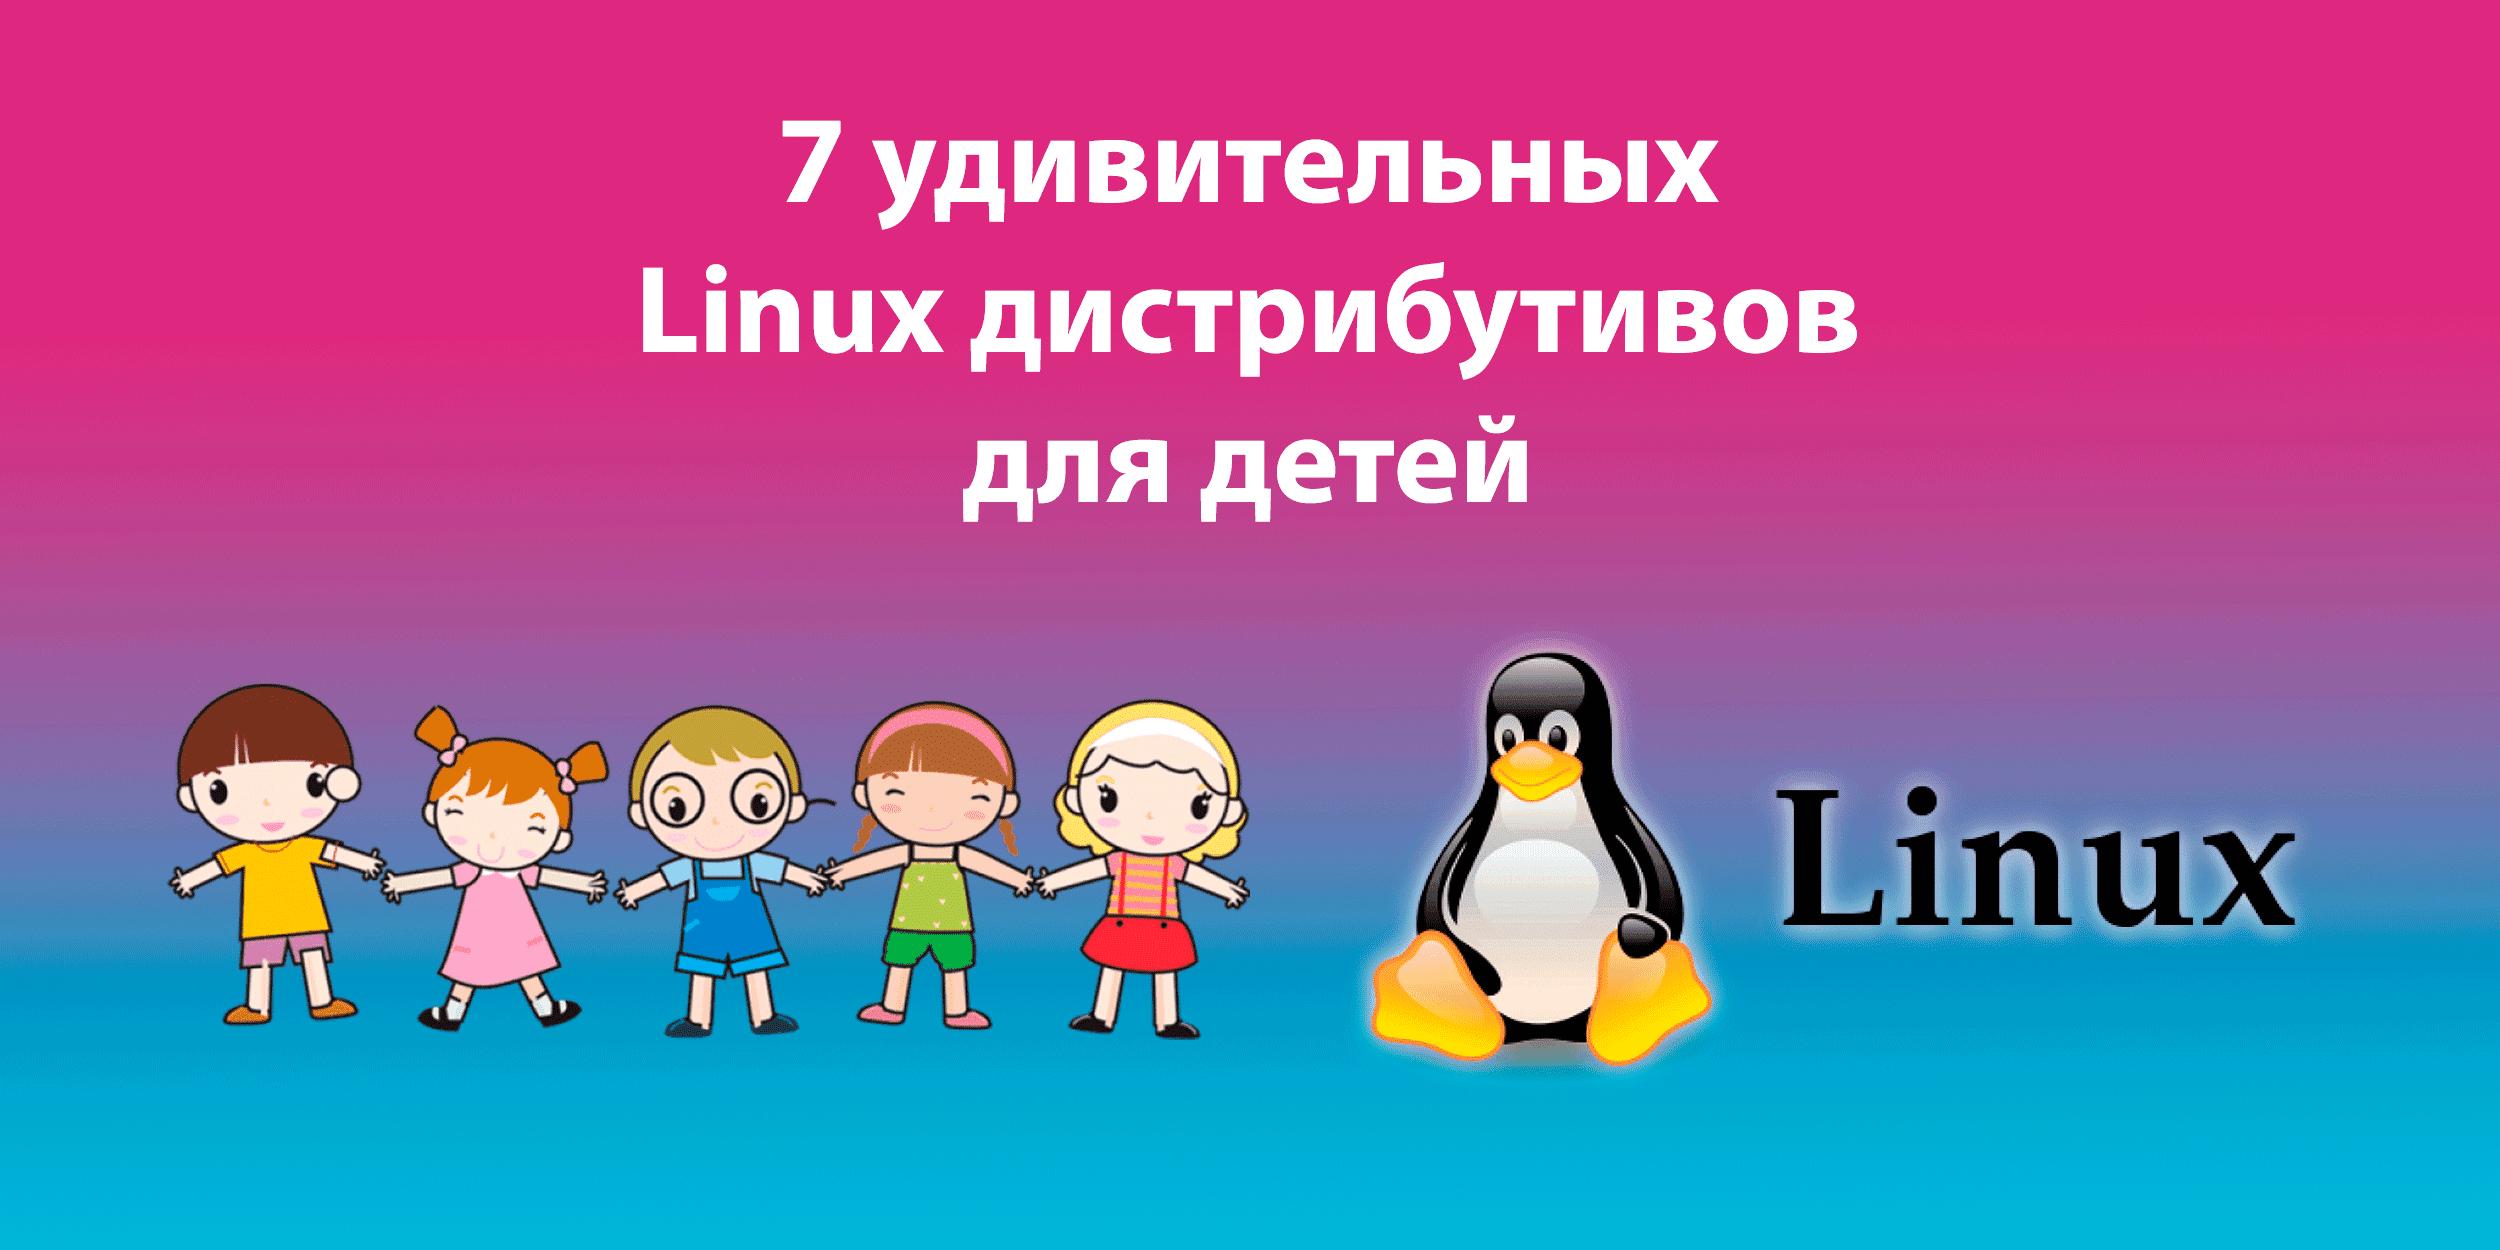 7-удивительных-Linux-дистрибутивов-для-детей